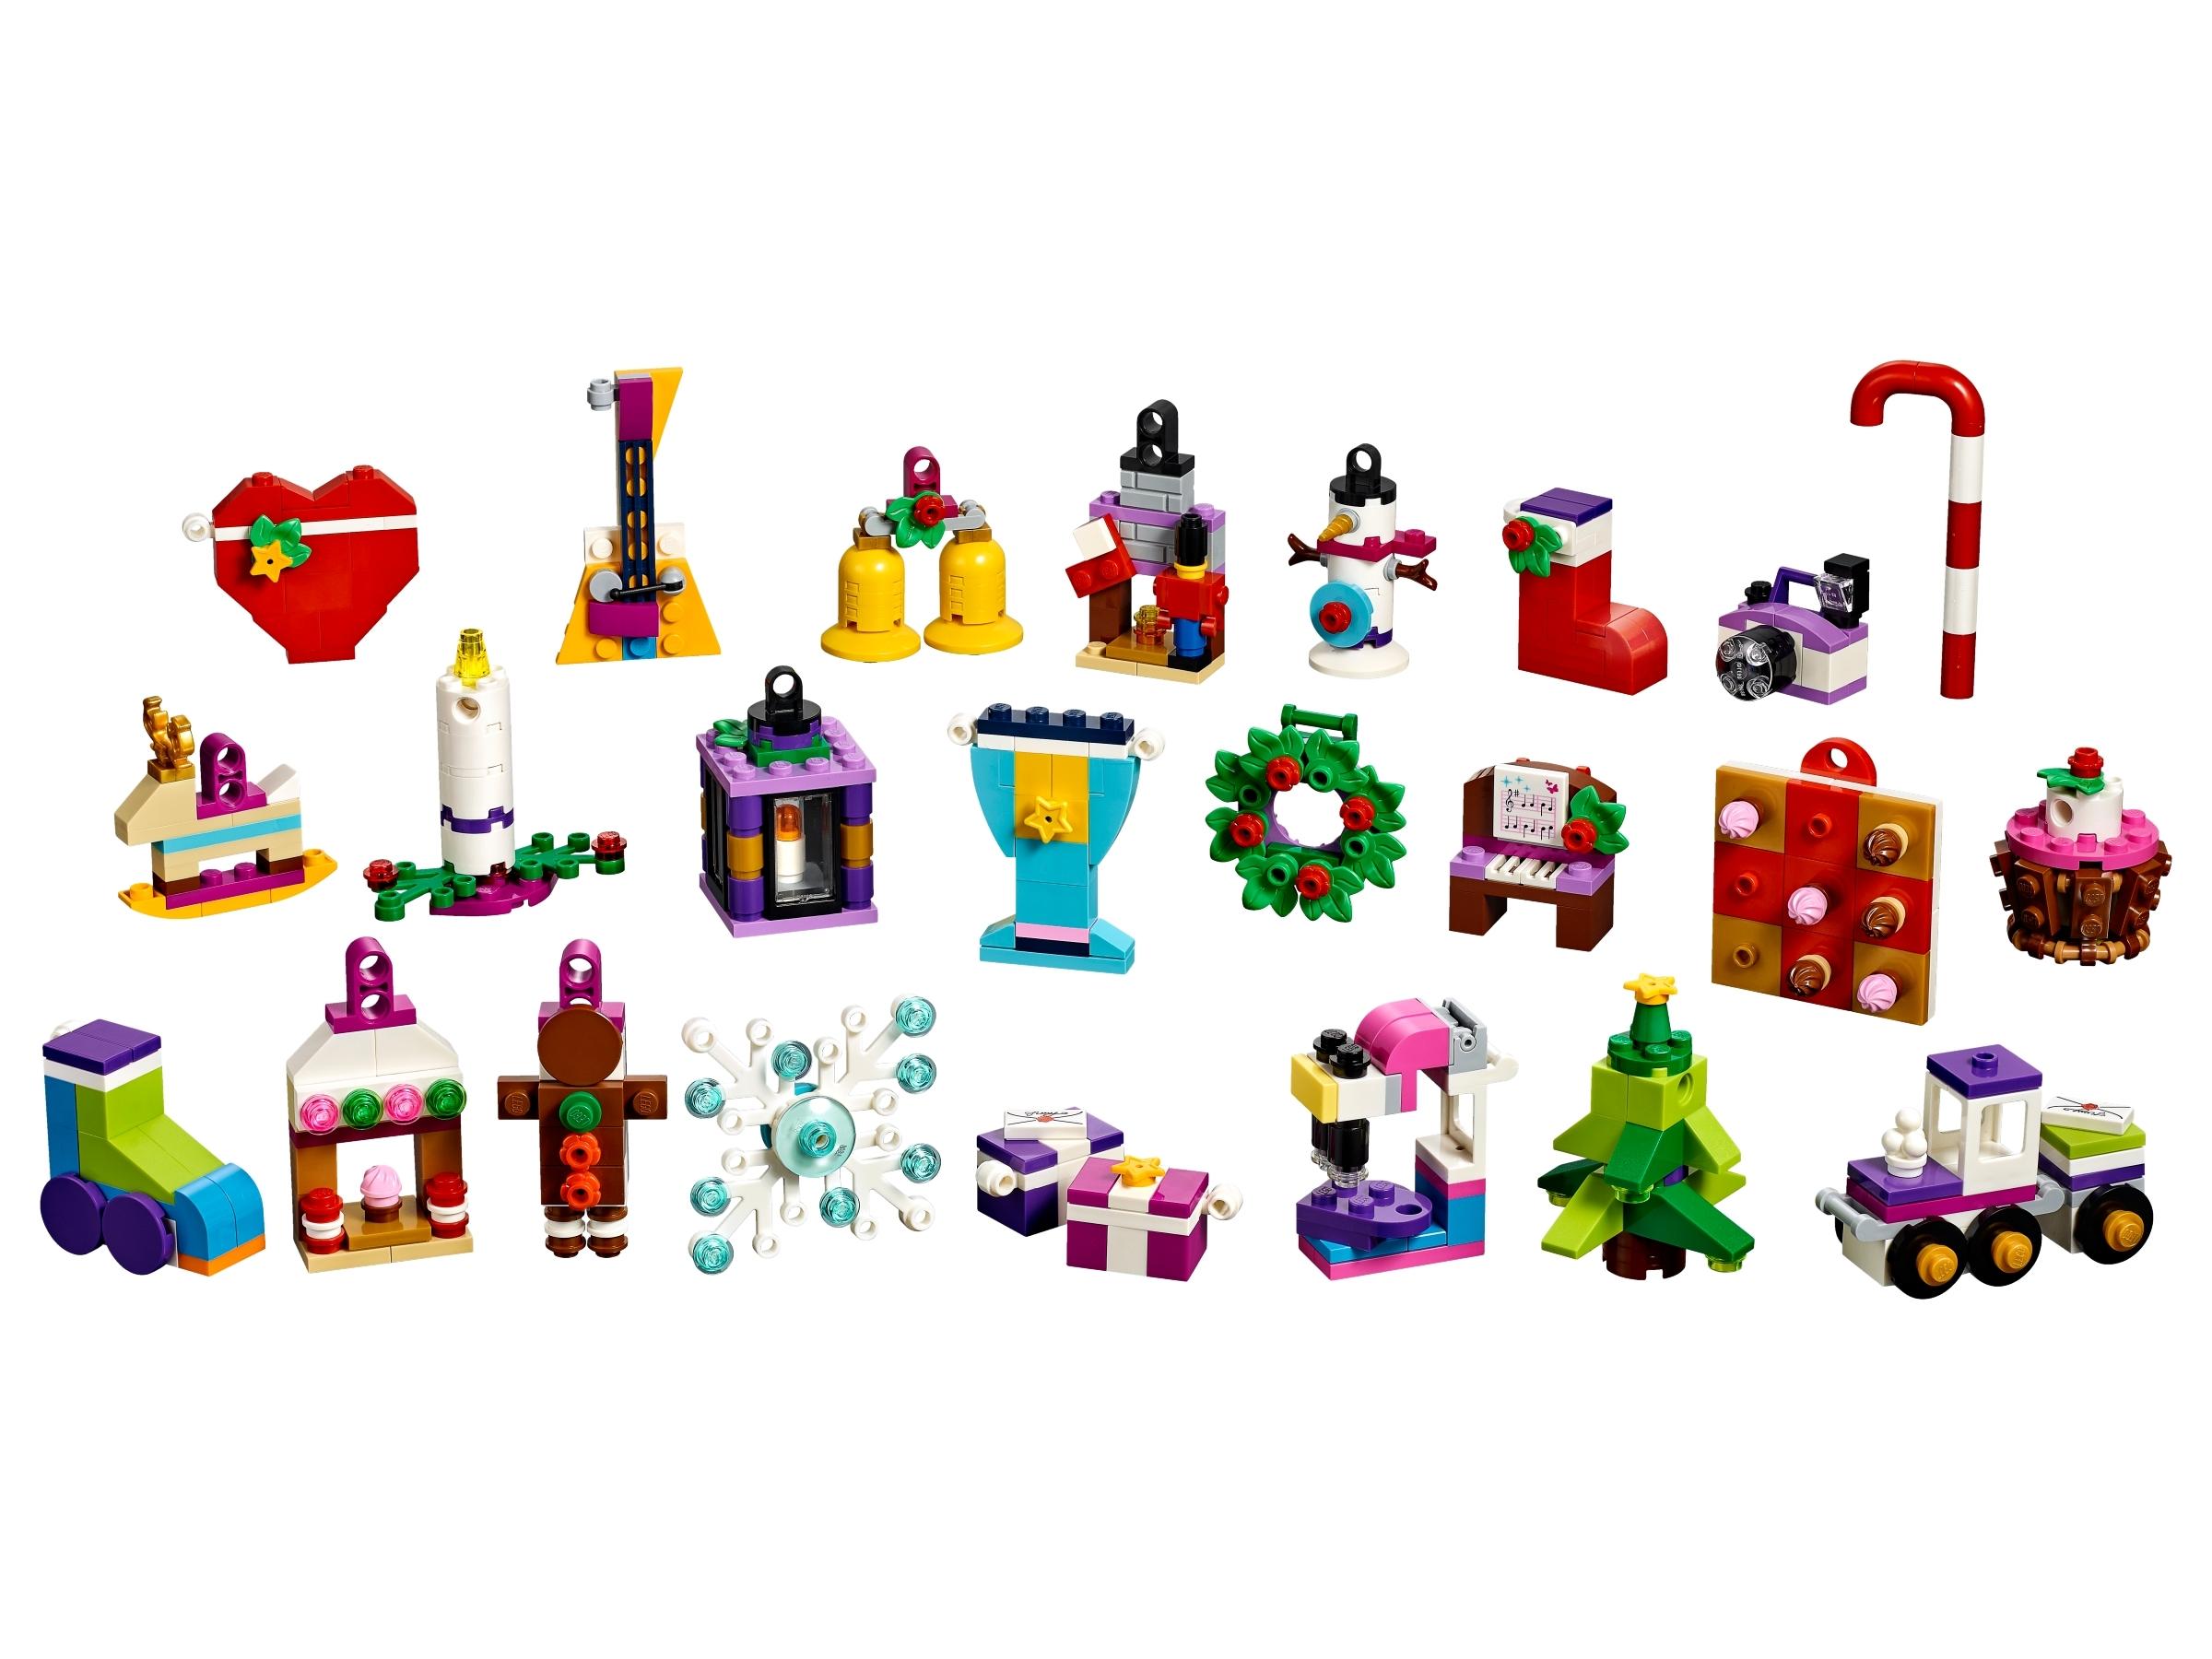 lego 41353 friends joulukalenteri